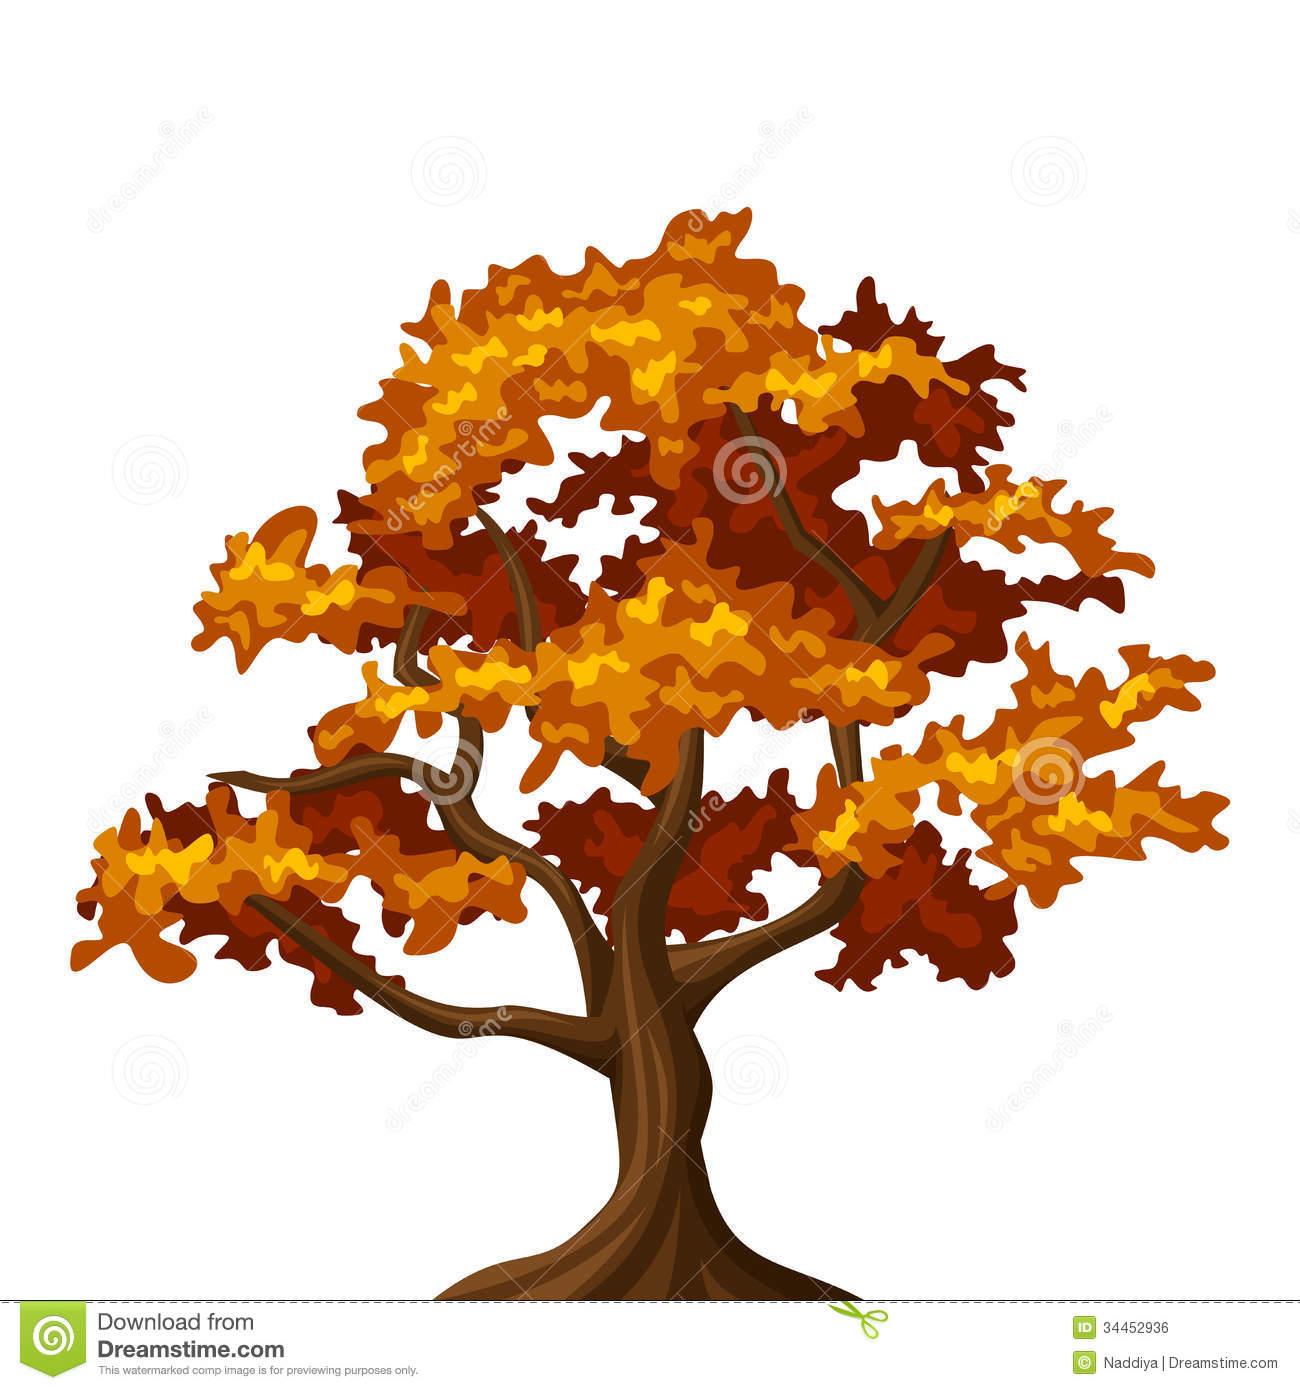 Illustration clipart autumn season Collection 100 Top Autumn clipart